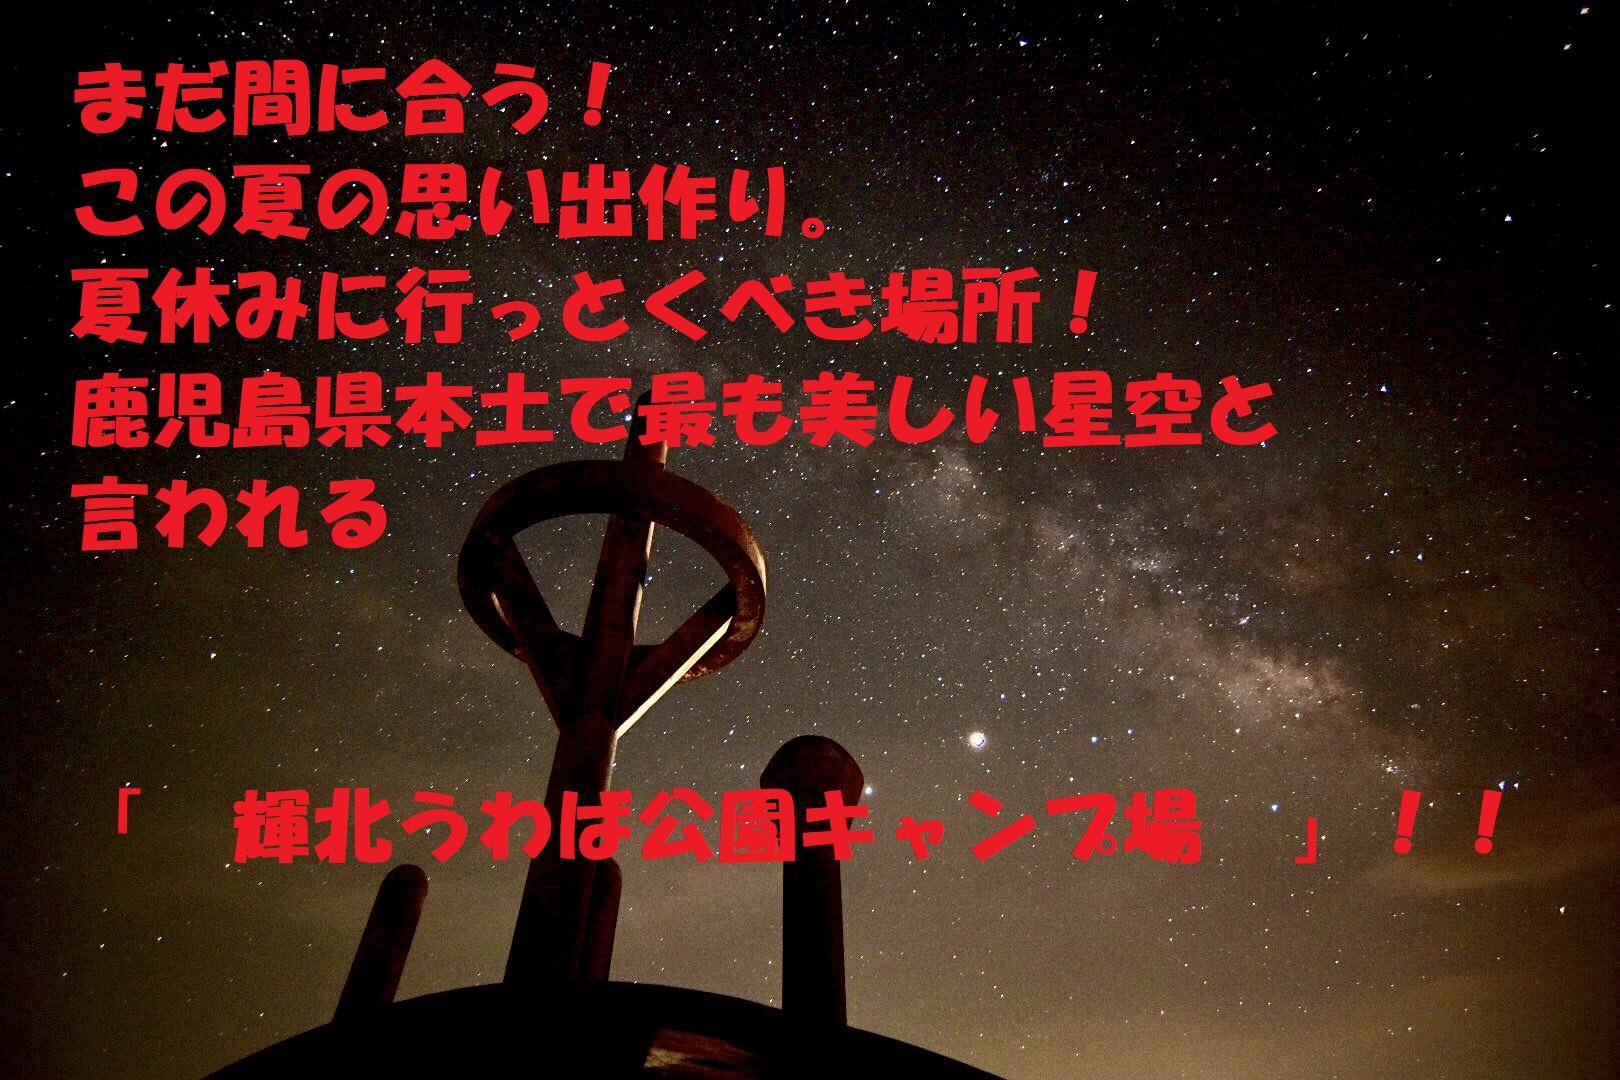 まだ間に合う!この夏の思い出作り。鹿児島県本土で最も美しい星空と言われる「 輝北うわば公園キャンプ場 」!! イメージ画像